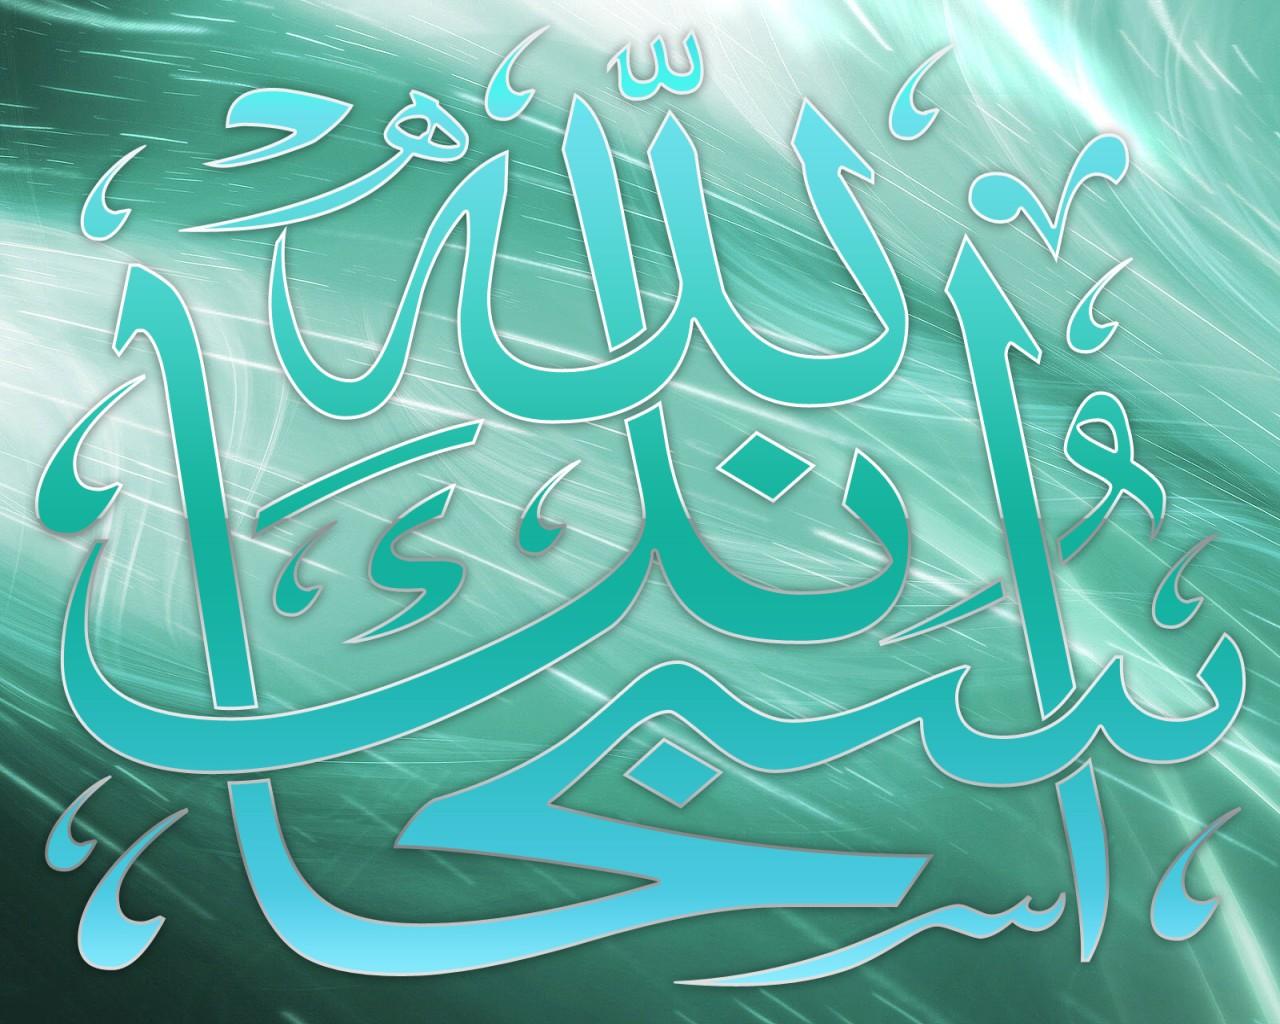 Subhan-Allah (3) | Yasir Imran Mirza